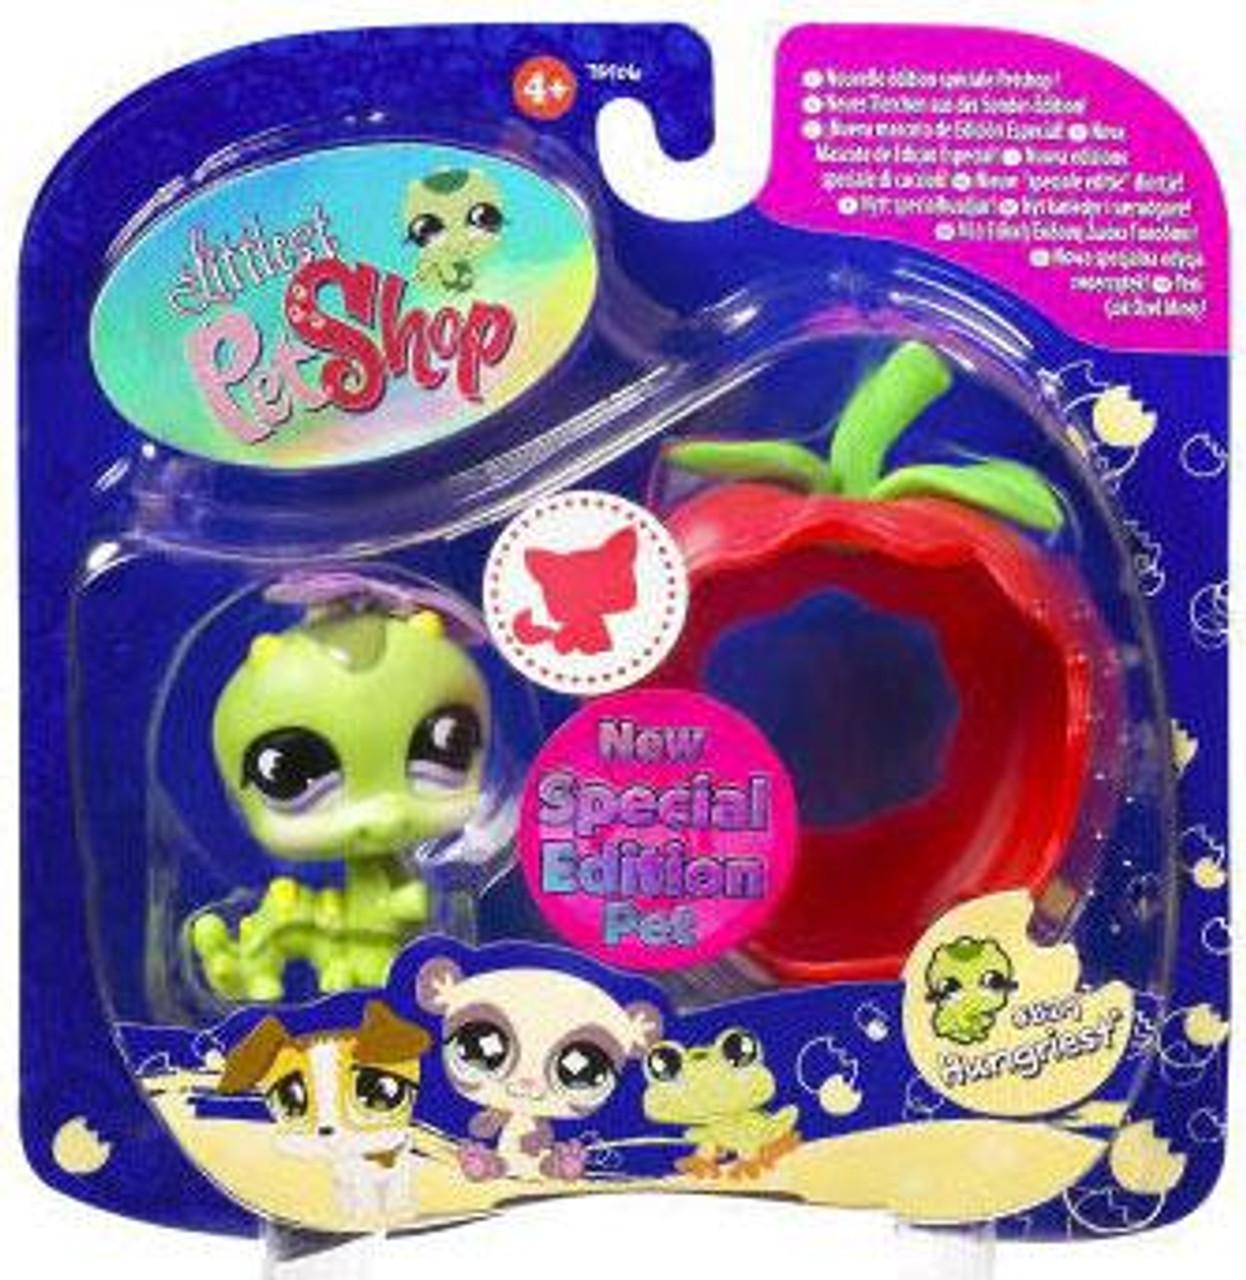 Littlest Pet Shop 2009 Assortment B Series 1 Inchworm Figure #829 [Apple]